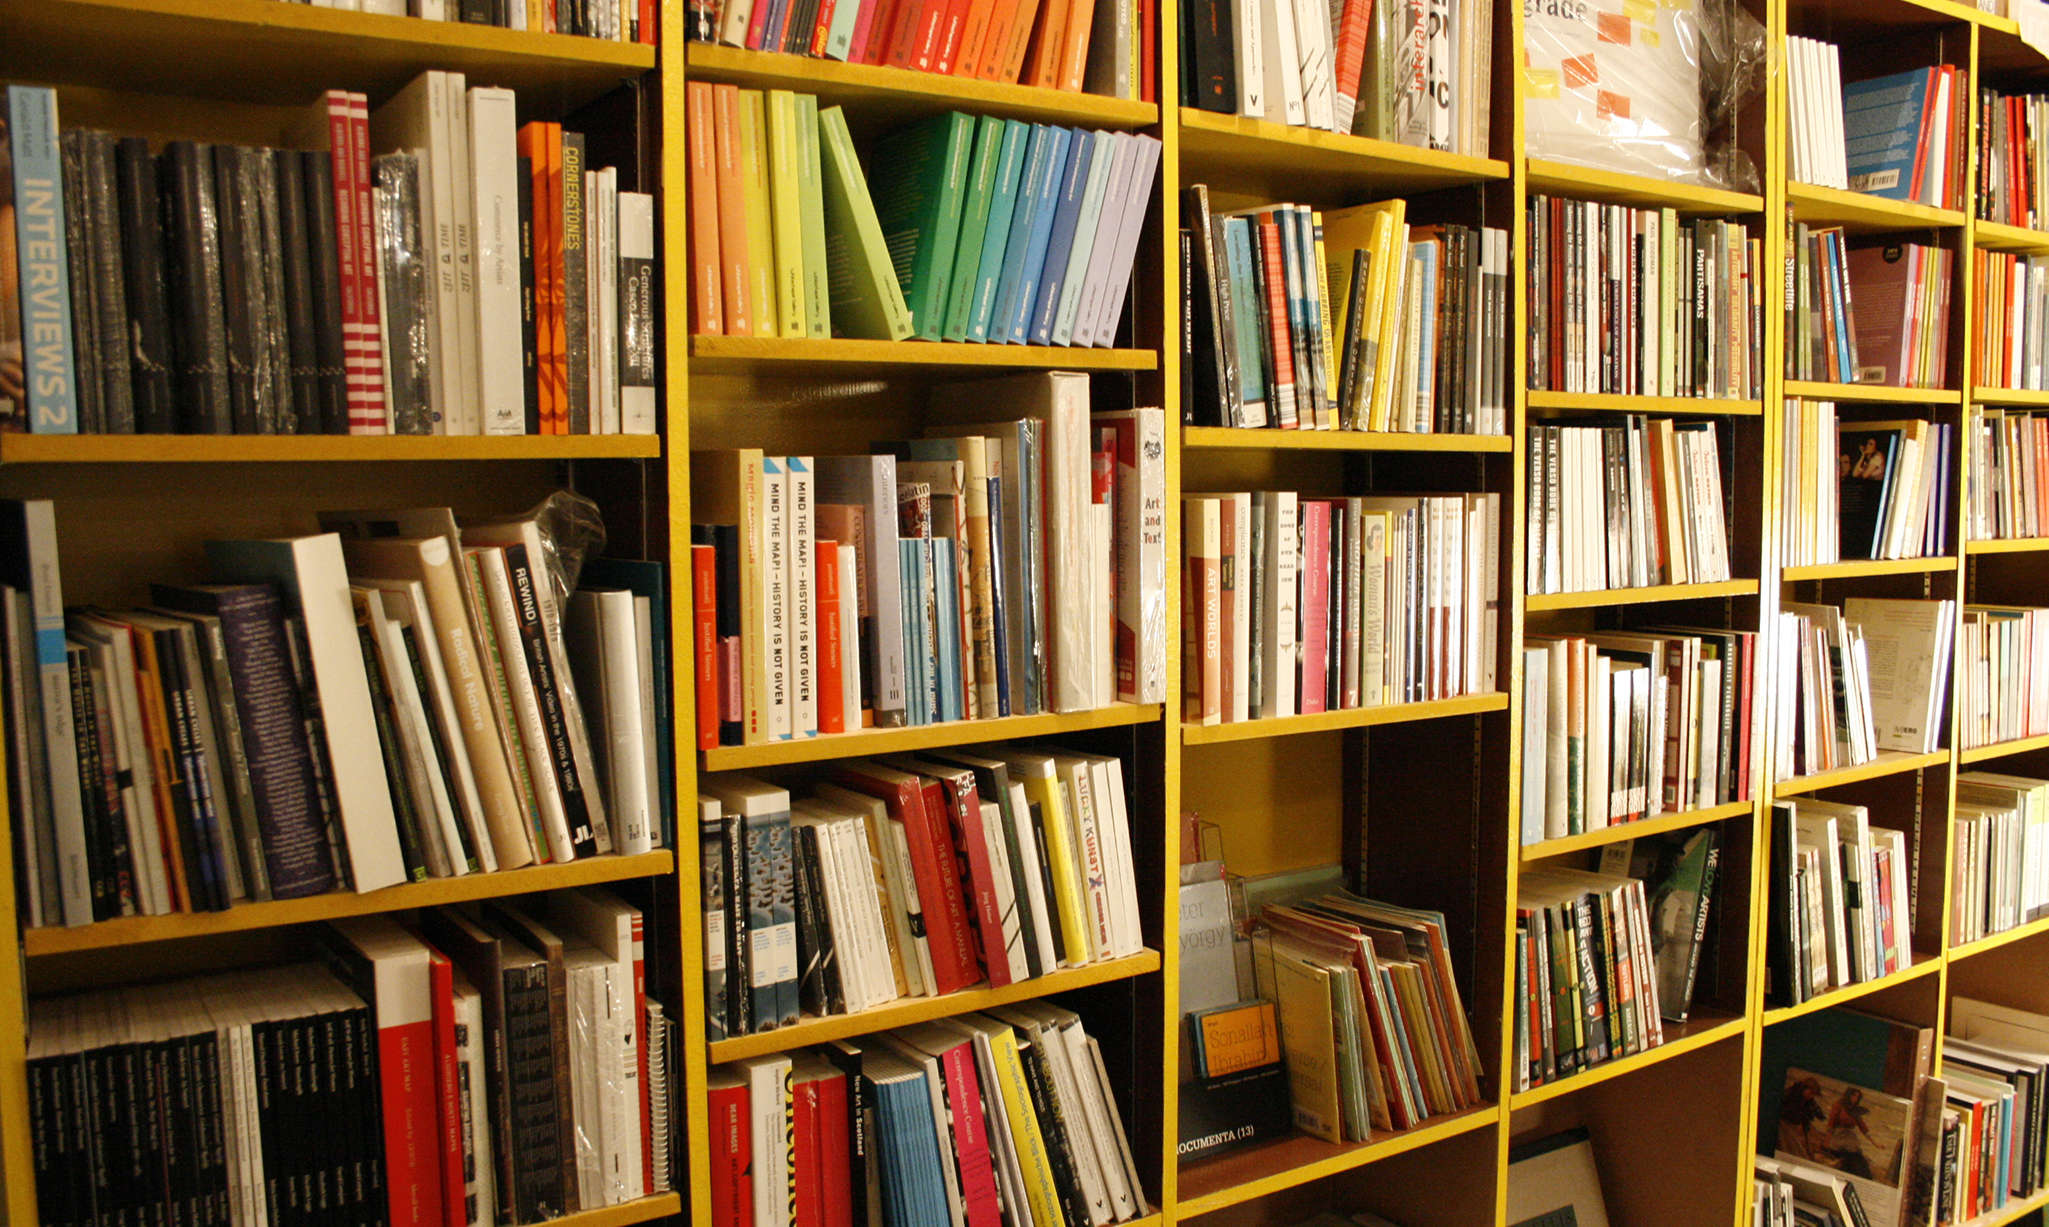 Aye-Aye Books